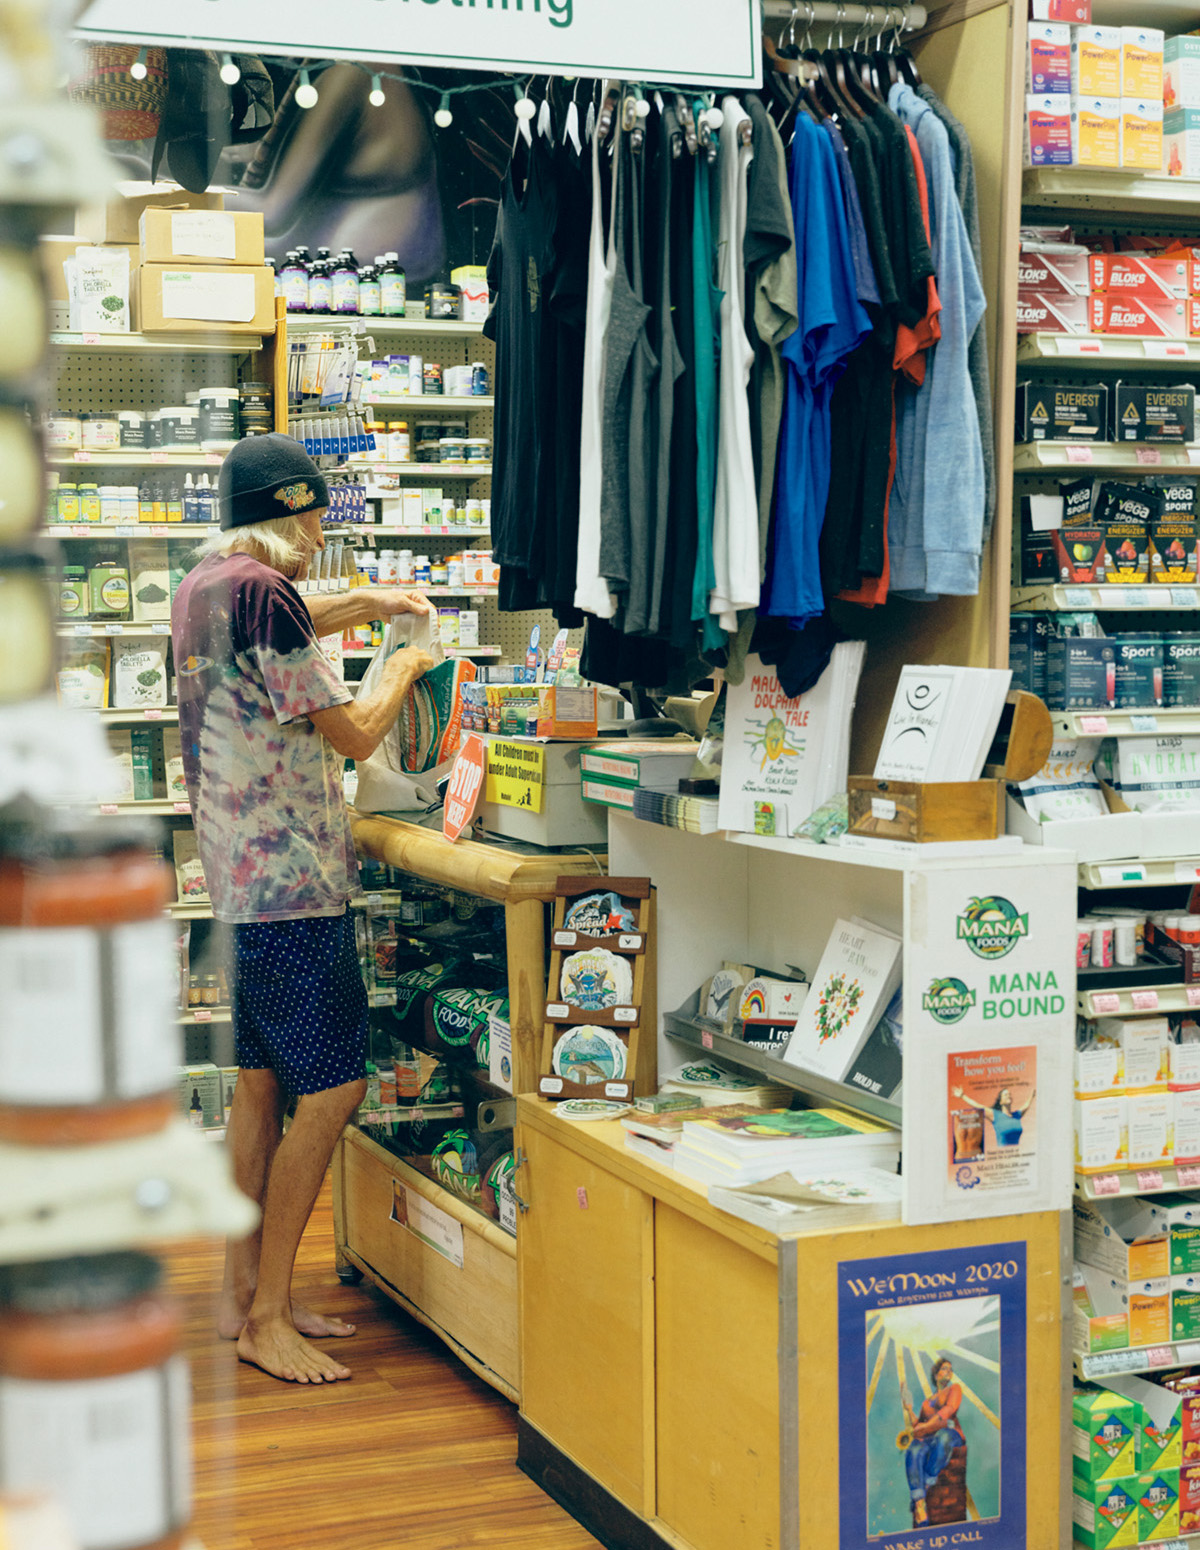 ヘルシーでリベラルな町としてのパイアの起点となった店〈MANA FOODS〉。サプリメントなども充実。裸足のお客さん率も高い。住所:49 Baldwin Ave. Paia/TEL:(1)808-579-8078/営:8時~20時30分/休:無 https://manafoodsmaui.com/